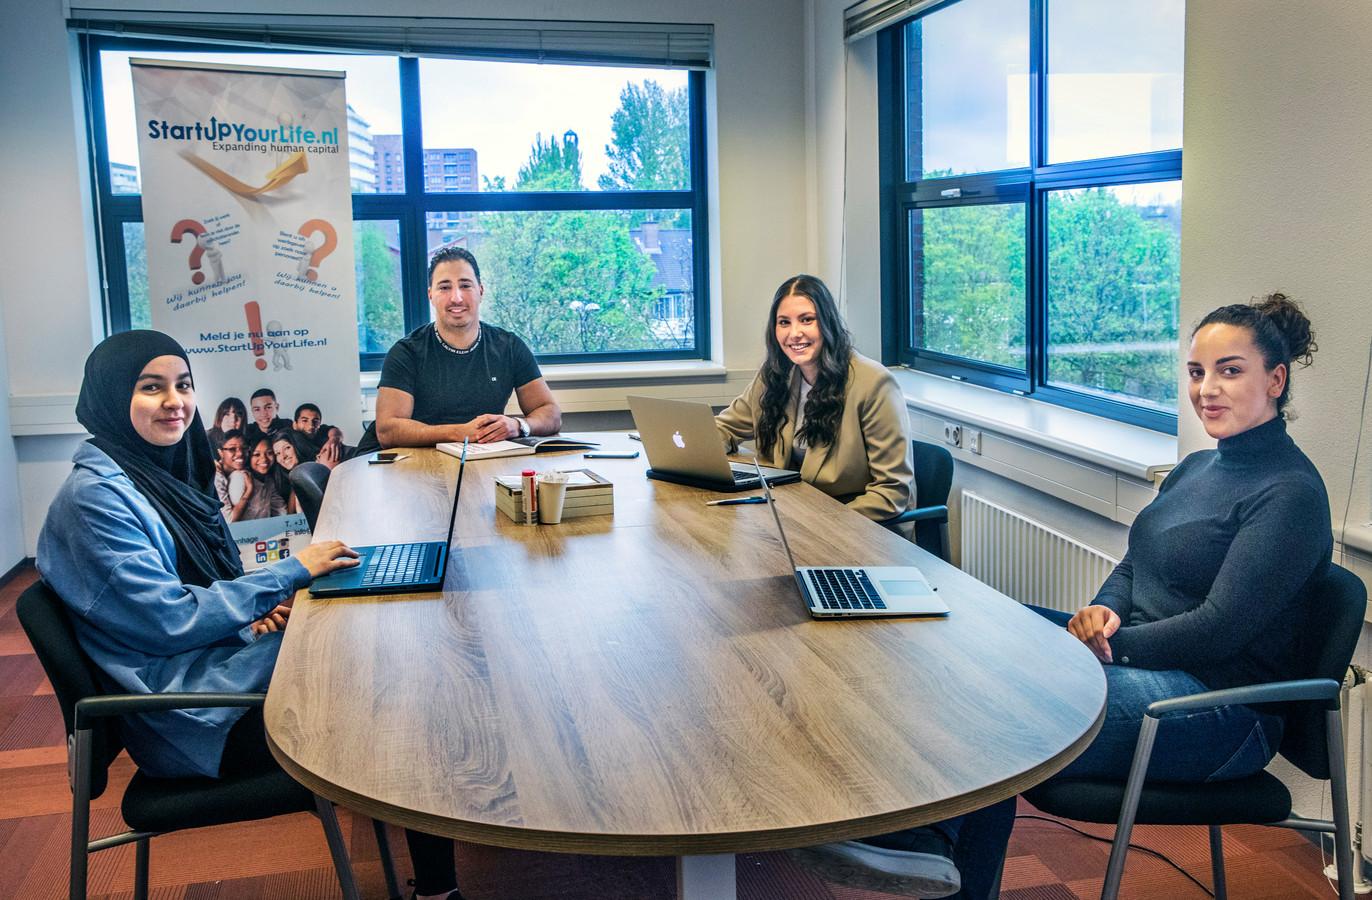 V.l.n.r. Soukaina Hallouzi, Mourad Ouari, Alena Karadirek en Sandra Mena proberen andere jongeren te helpen die vanwege de crisis moeilijker aan een baan kunnen komen.